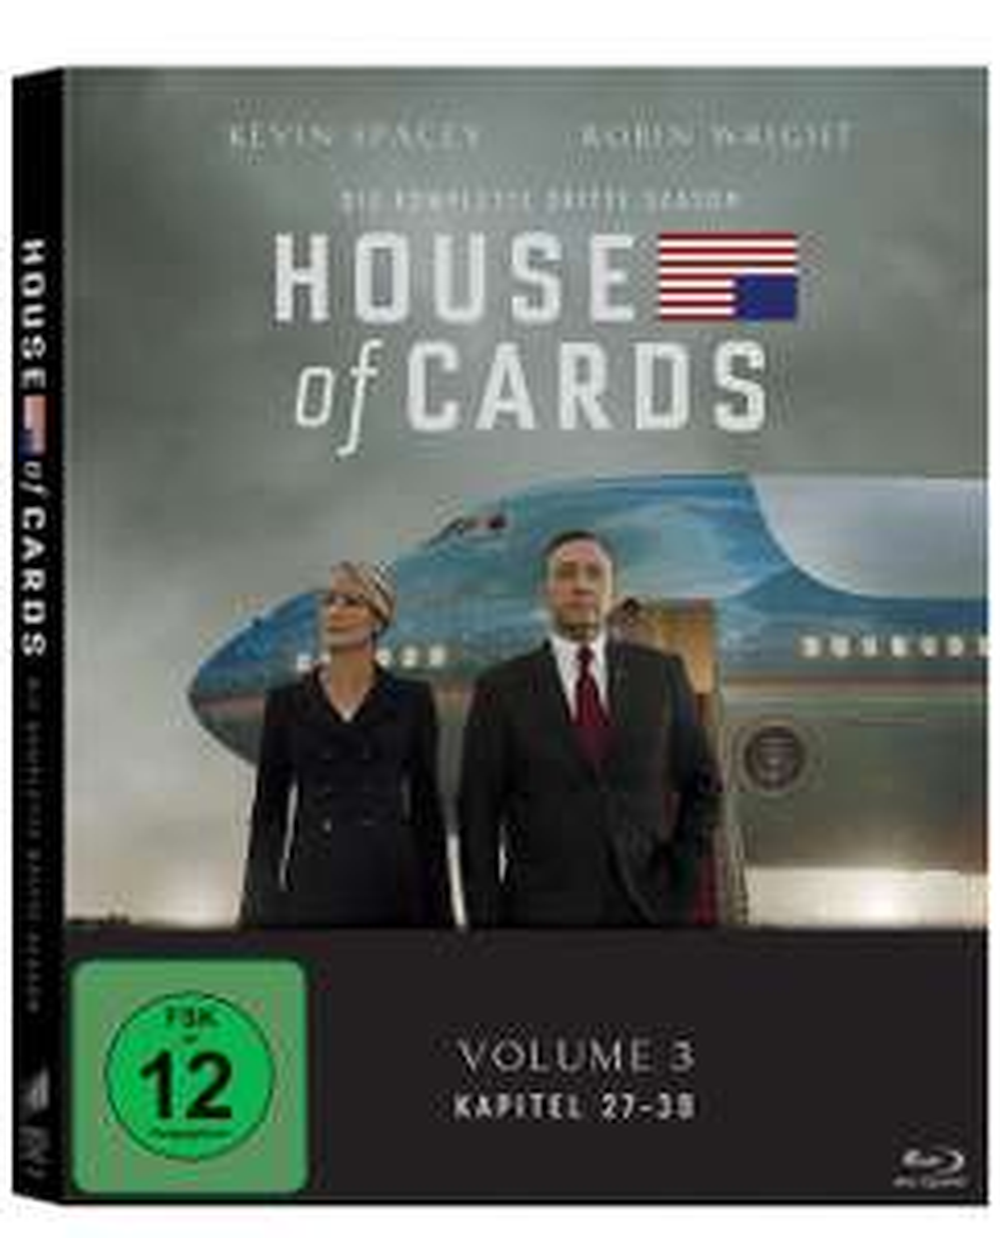 75€ de réduction dès 150€ d'achat de DVD/Blu-ray